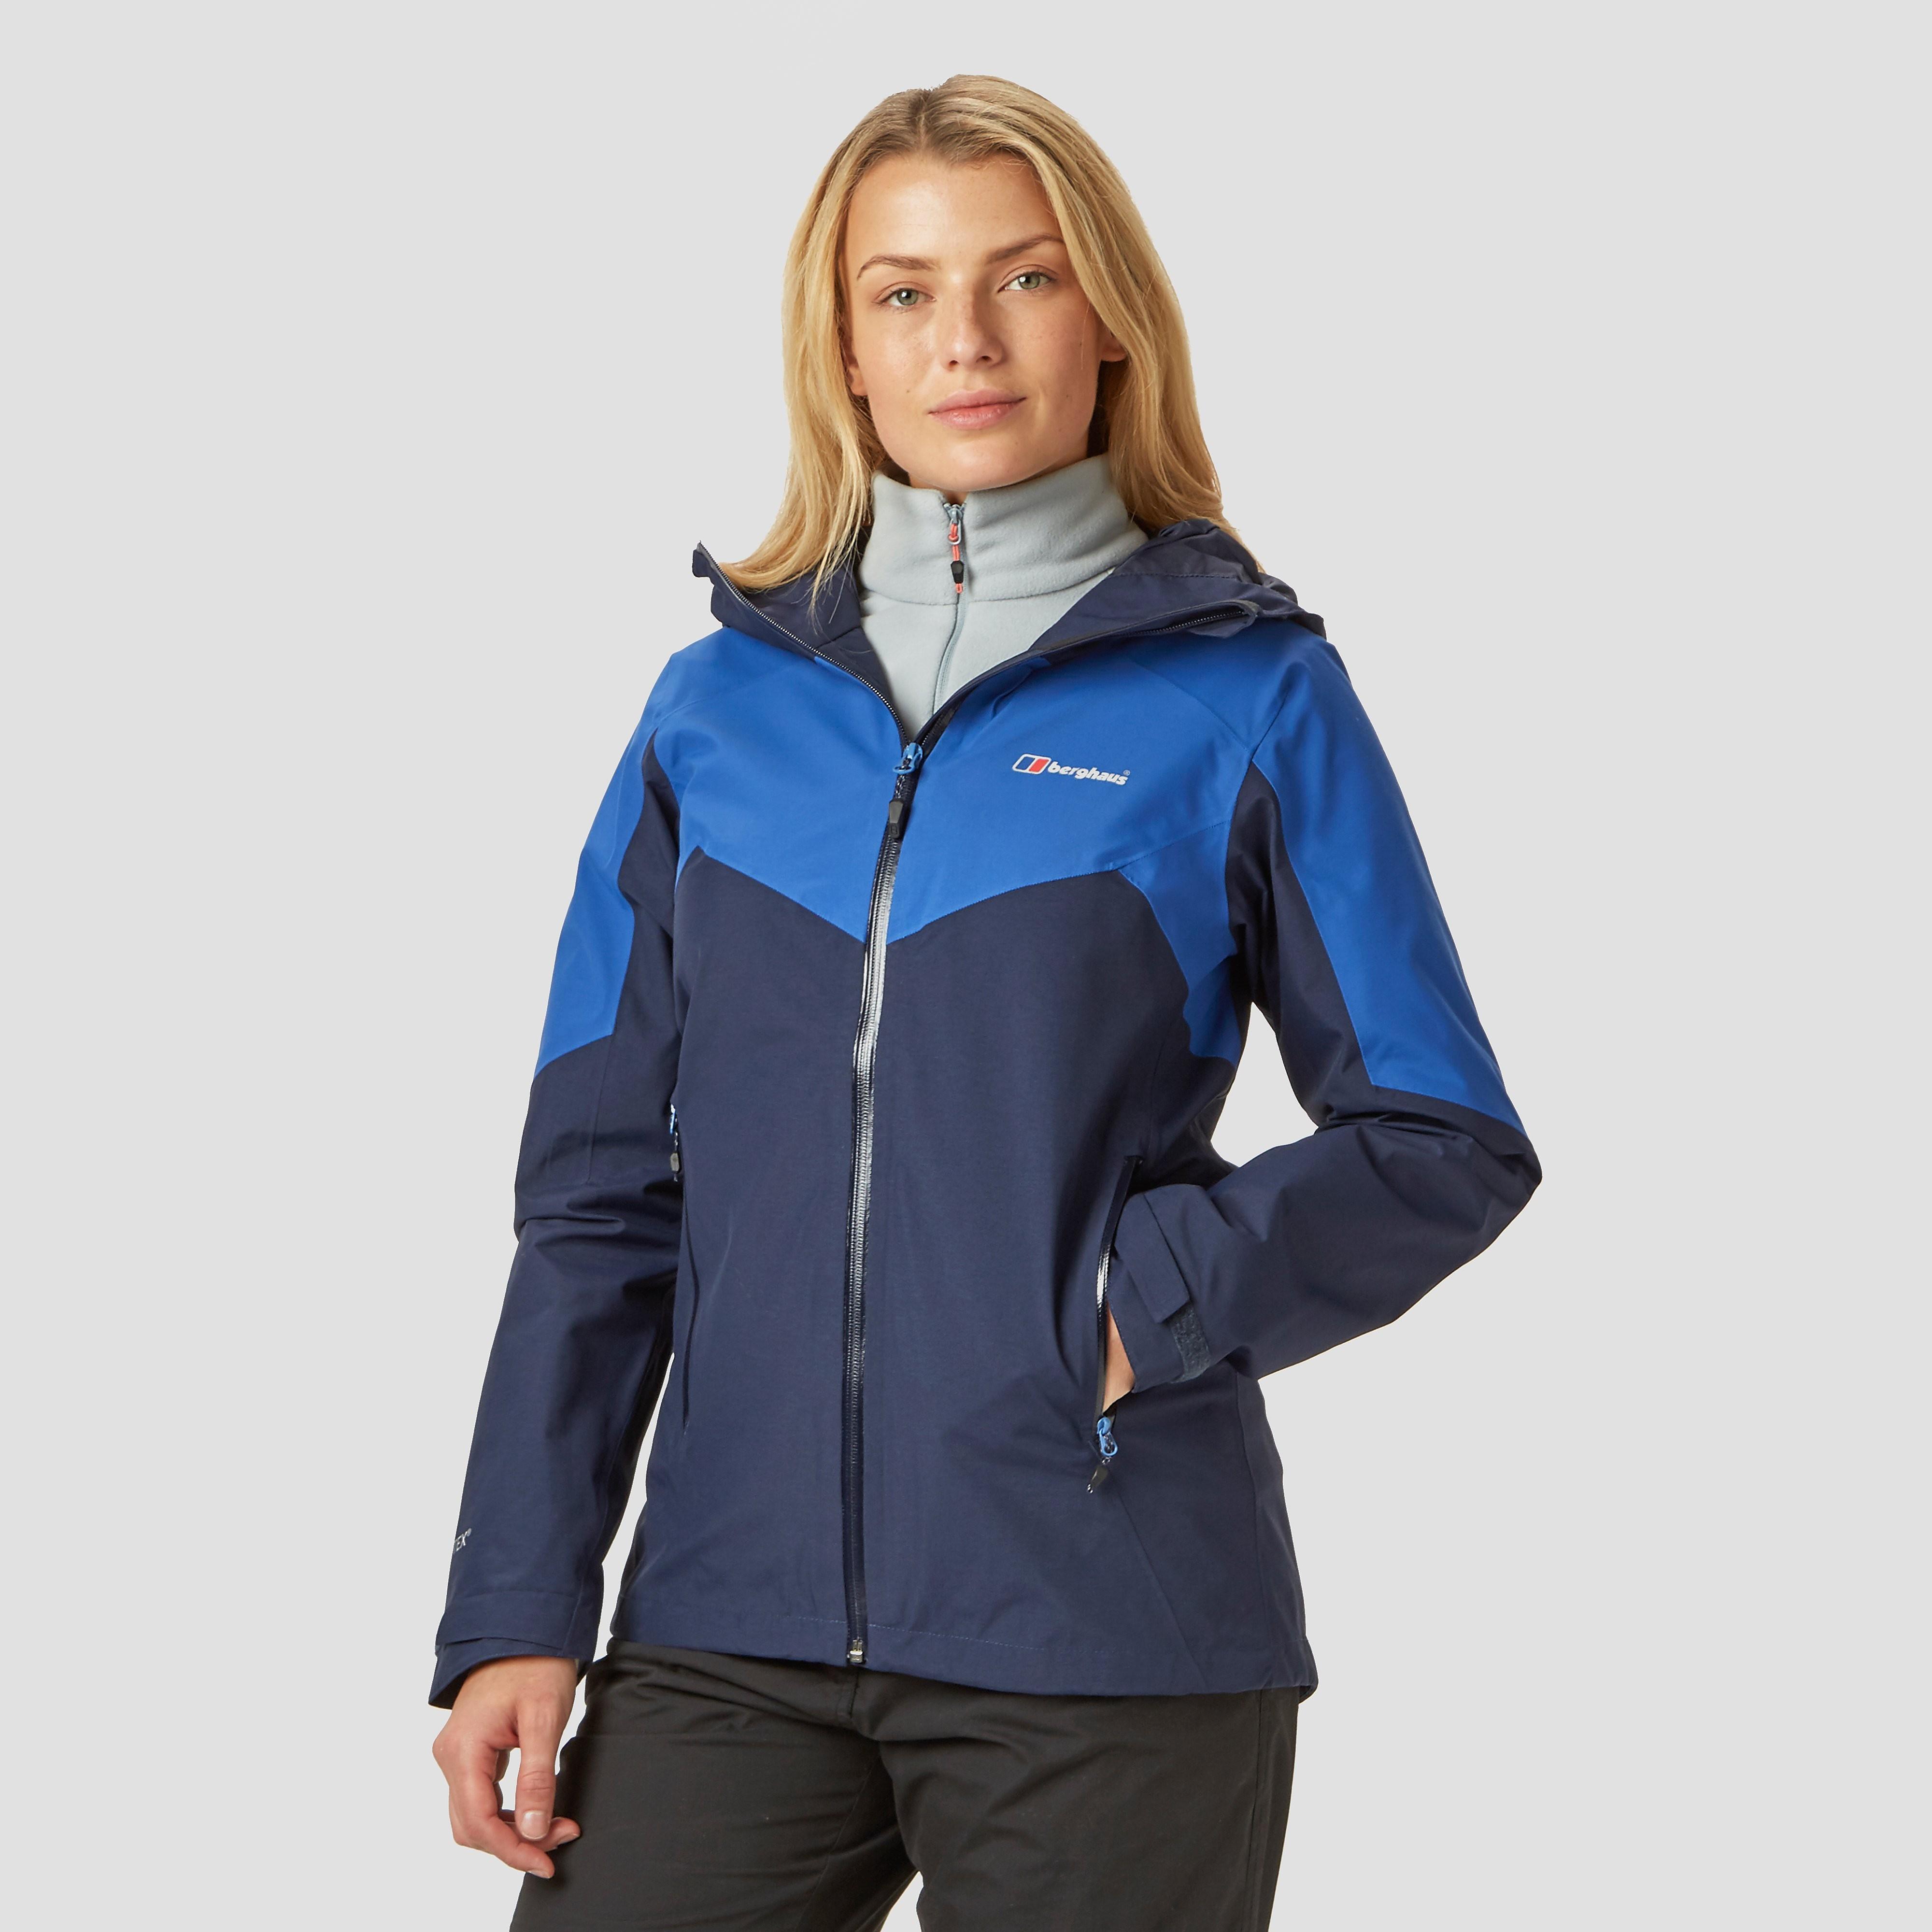 Berghaus Women's Ridgemaster Jacket